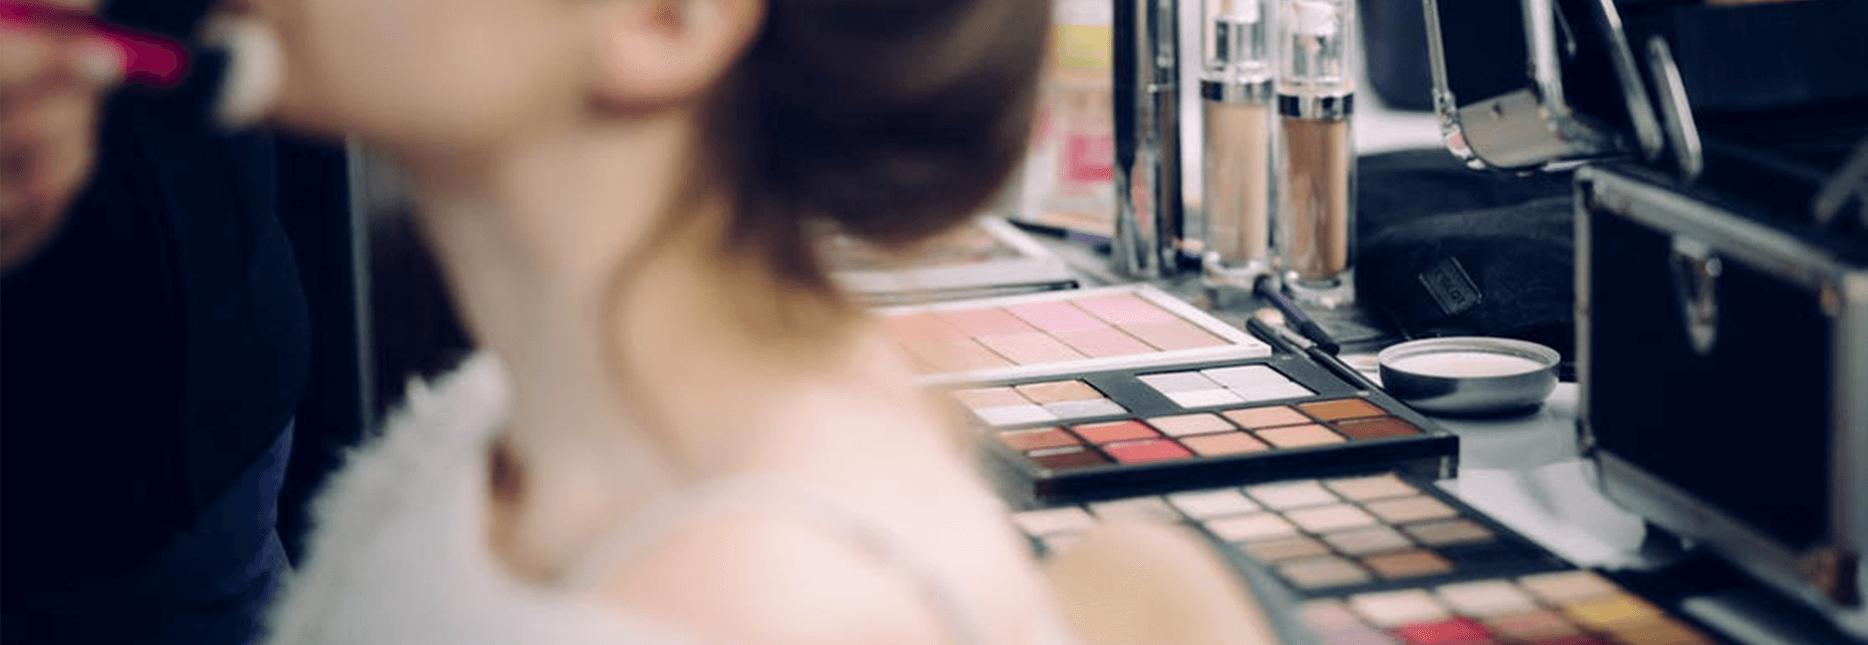 Salão de beleza: melhorando o atendimento ao cliente